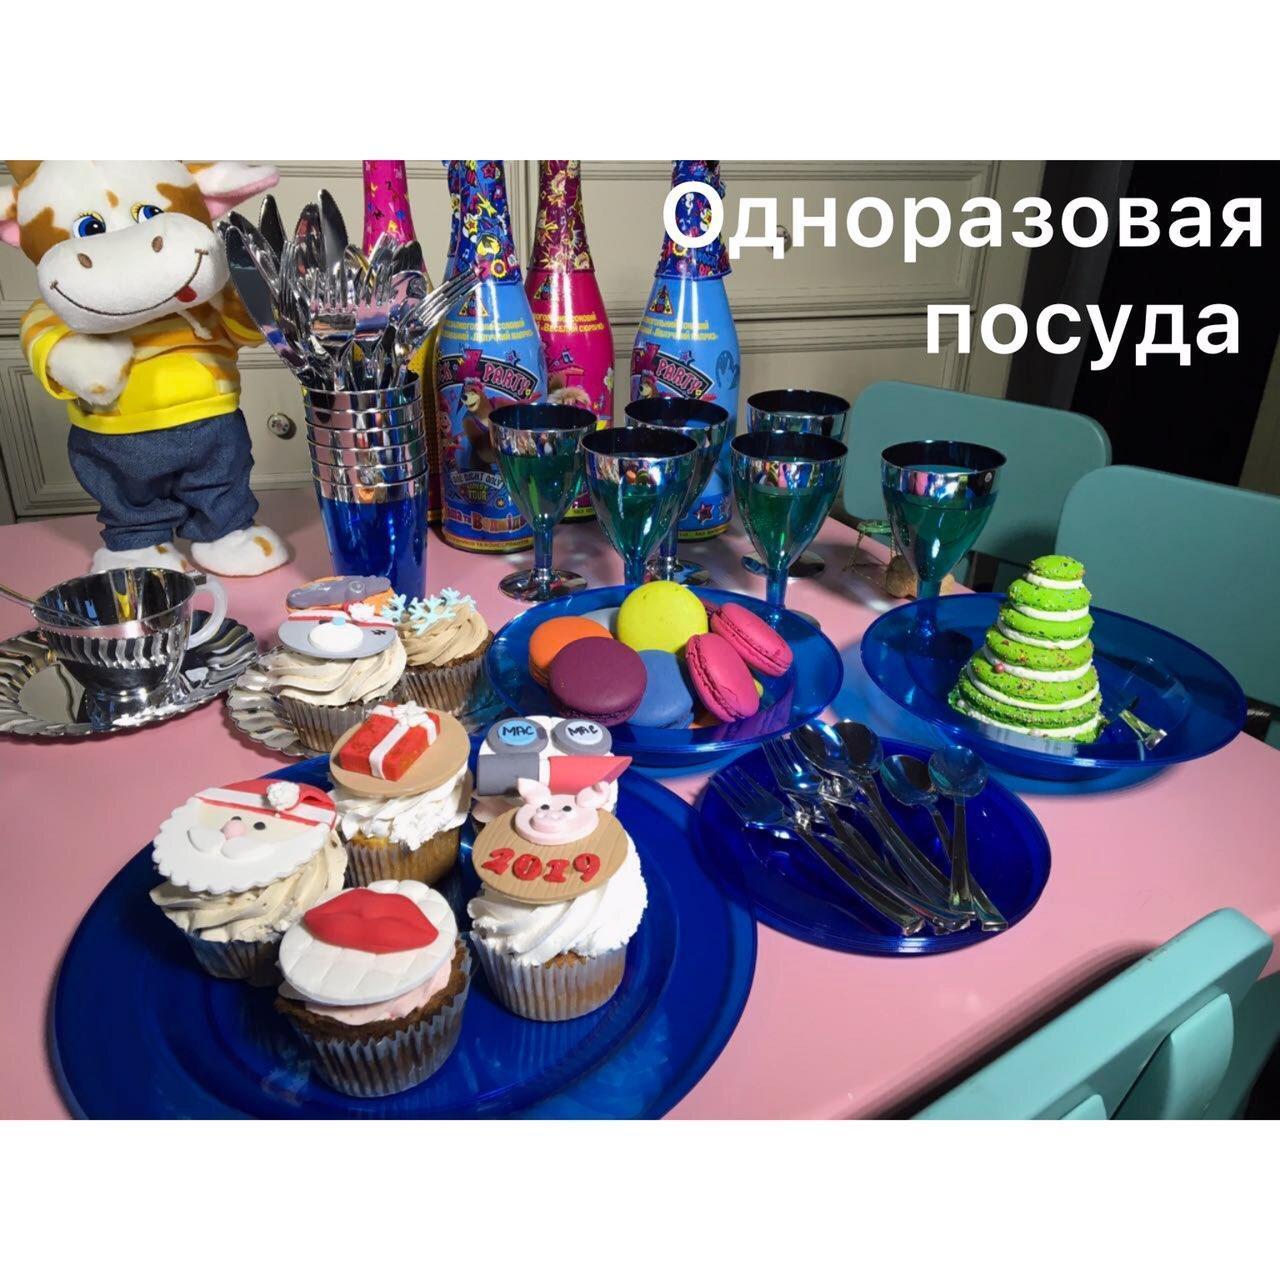 Набор посуды небьющейся для детского праздника детского дня рождения выпускного утренника CFP 9шт/1пер